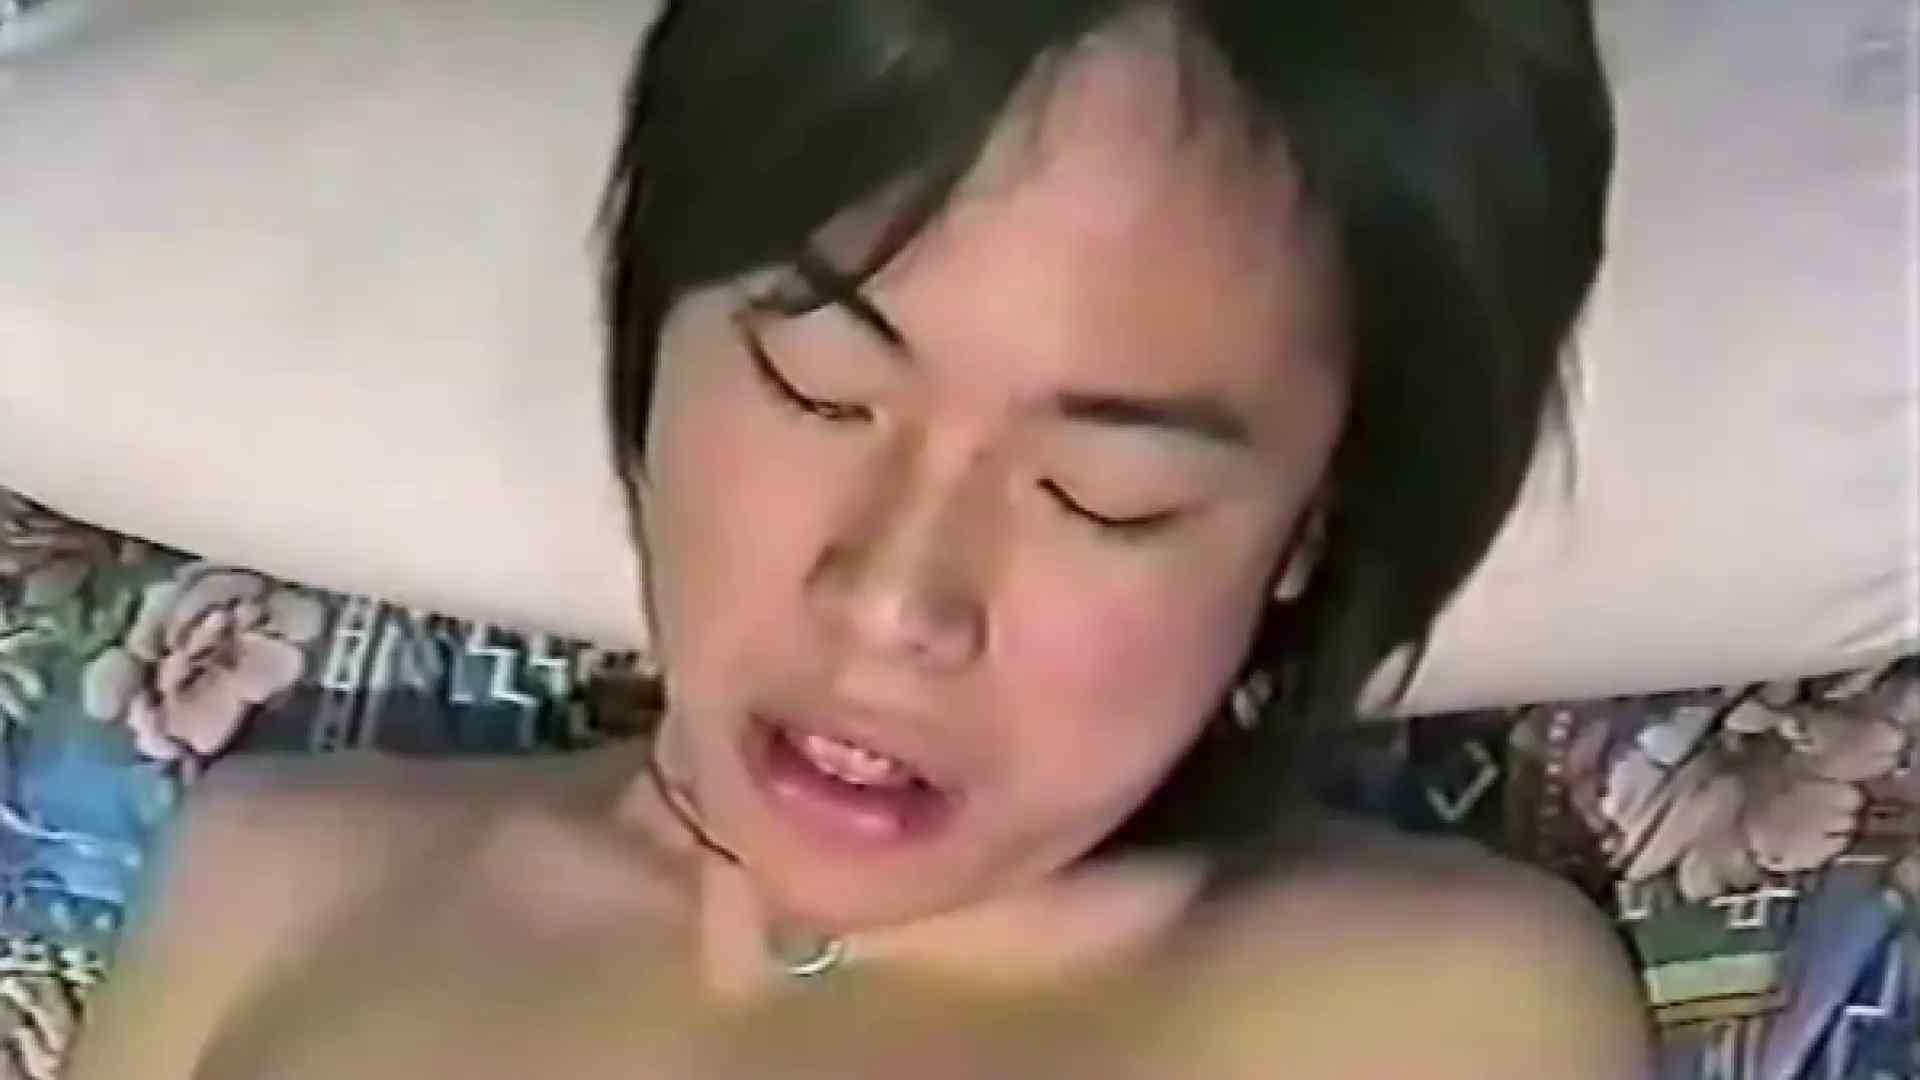 巨根 オナニー塾Vol.14 オナニー アダルトビデオ画像キャプチャ 111枚 50